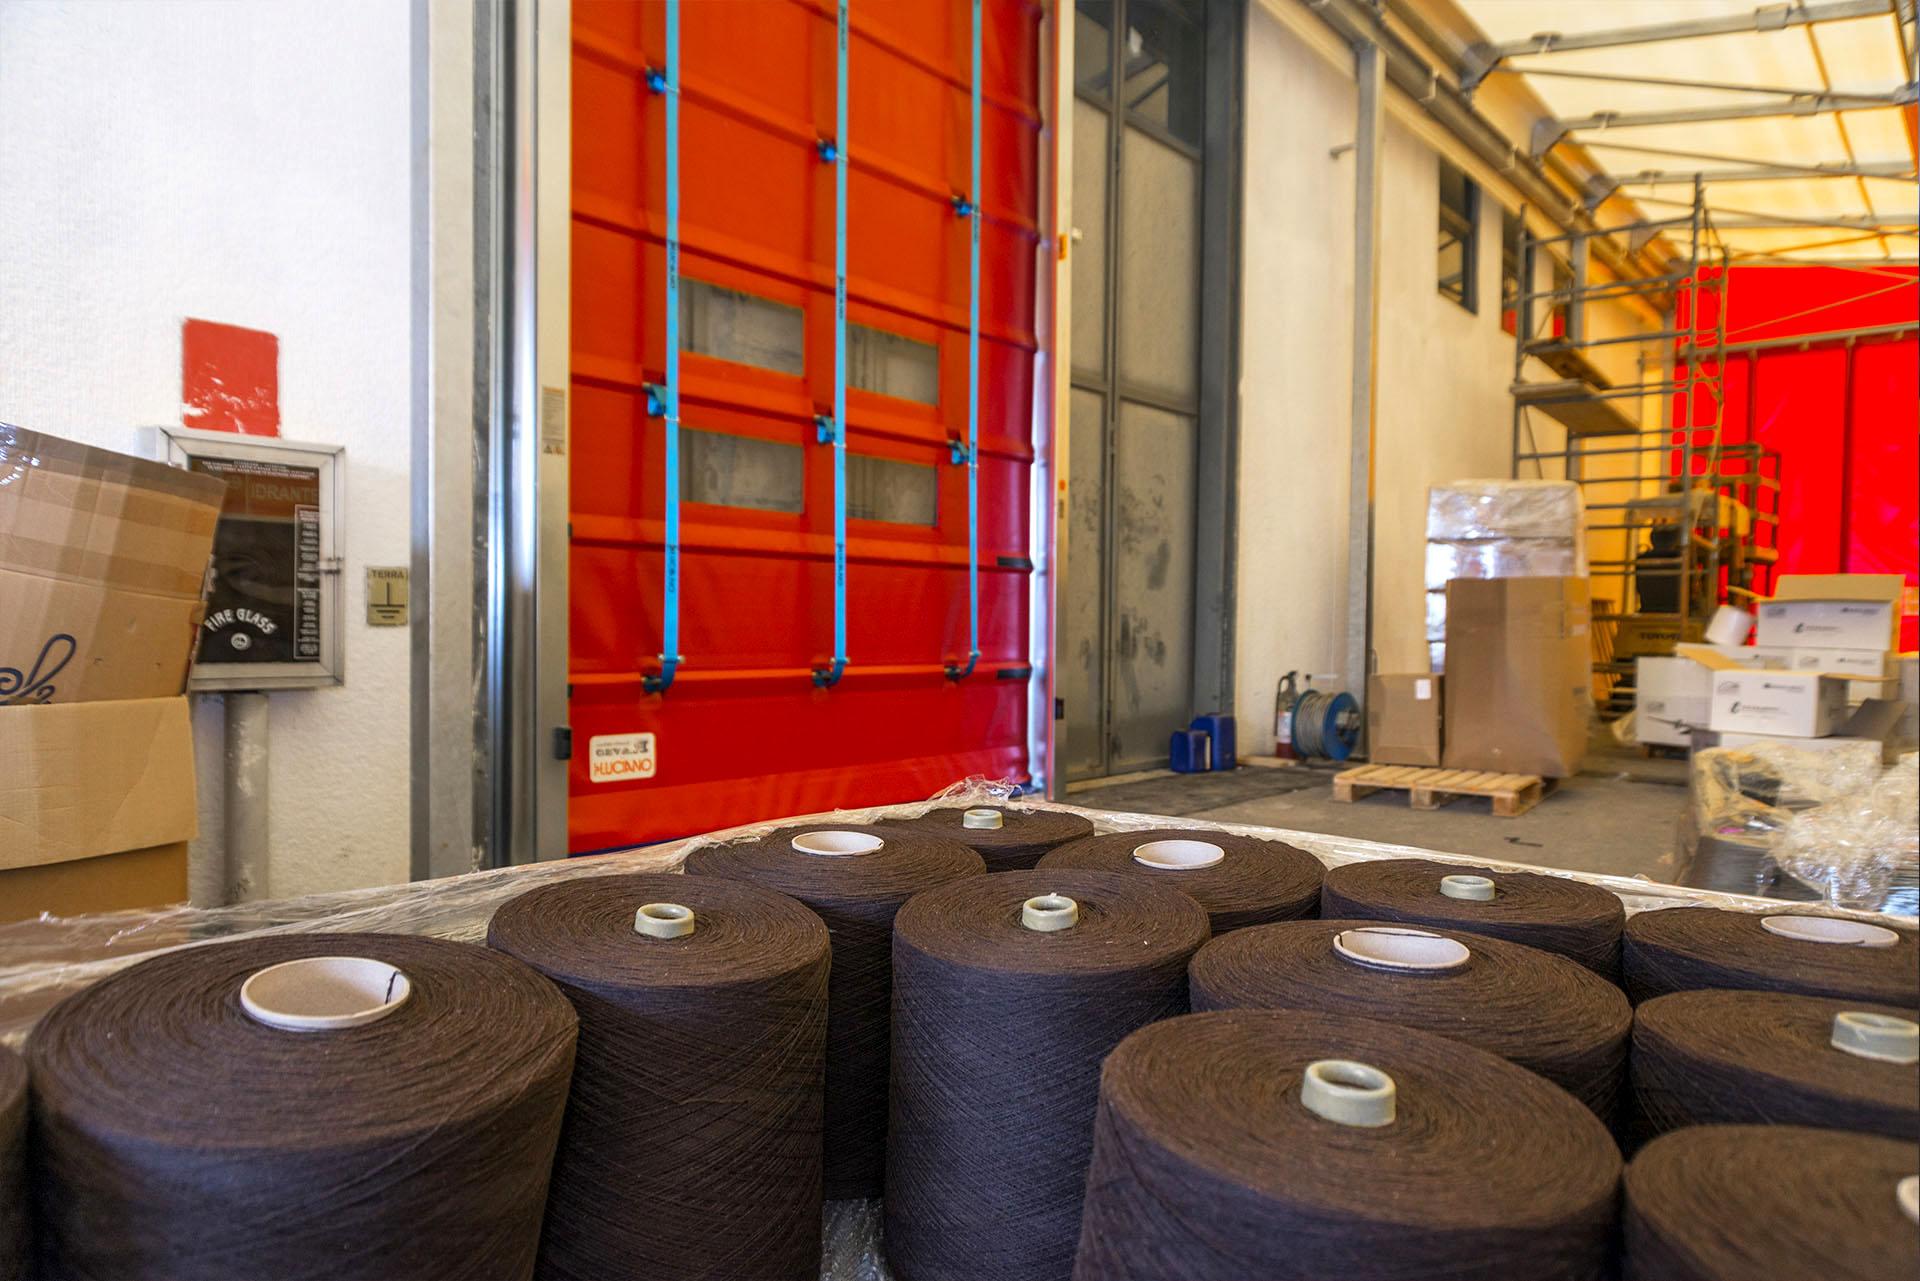 luciano tunnel industriali, luciano coperture pvc, capannoni pvc, tunnel pvc, tettoie pvcluciano tunnel industriali, luciano coperture pvc, capannoni pvc, tunnel pvc, tettoie pvc